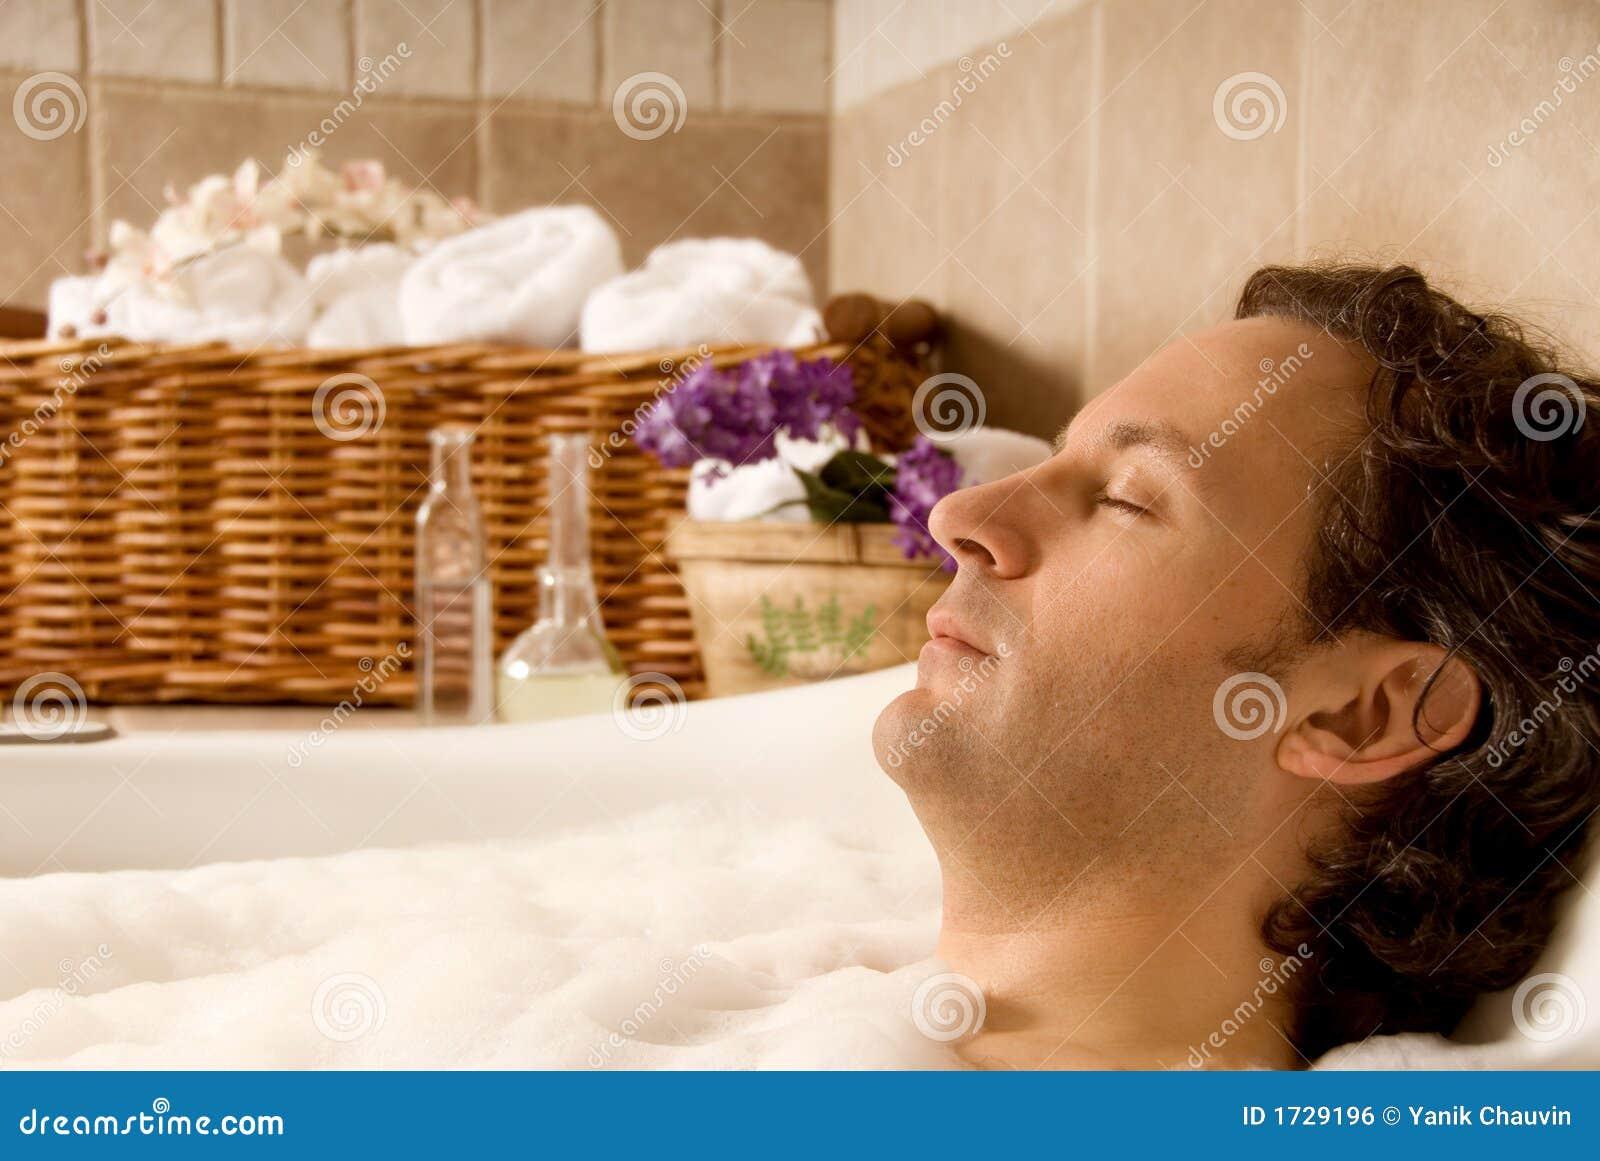 Homme dans le bain